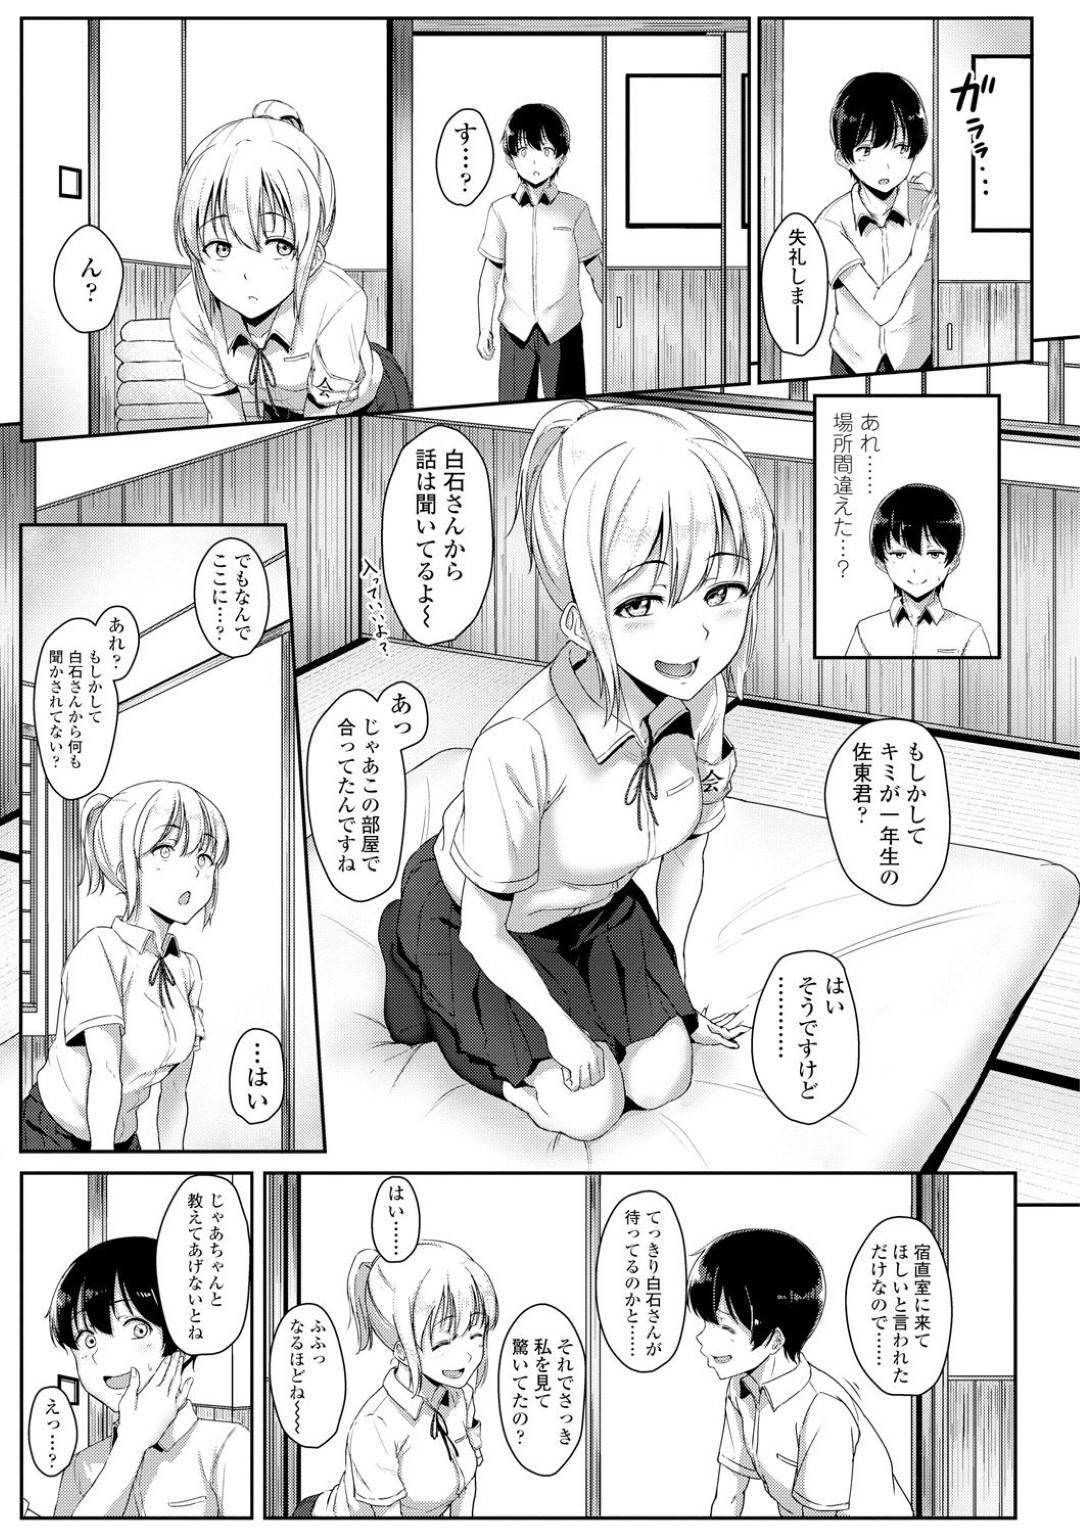 【エロ漫画】気弱男子を宿直室に飛び出したJK2人は、男子を逆レイプして生ハメ3Pセックスで精液搾取【葵井ちづる/☓☓委員のおしごと】